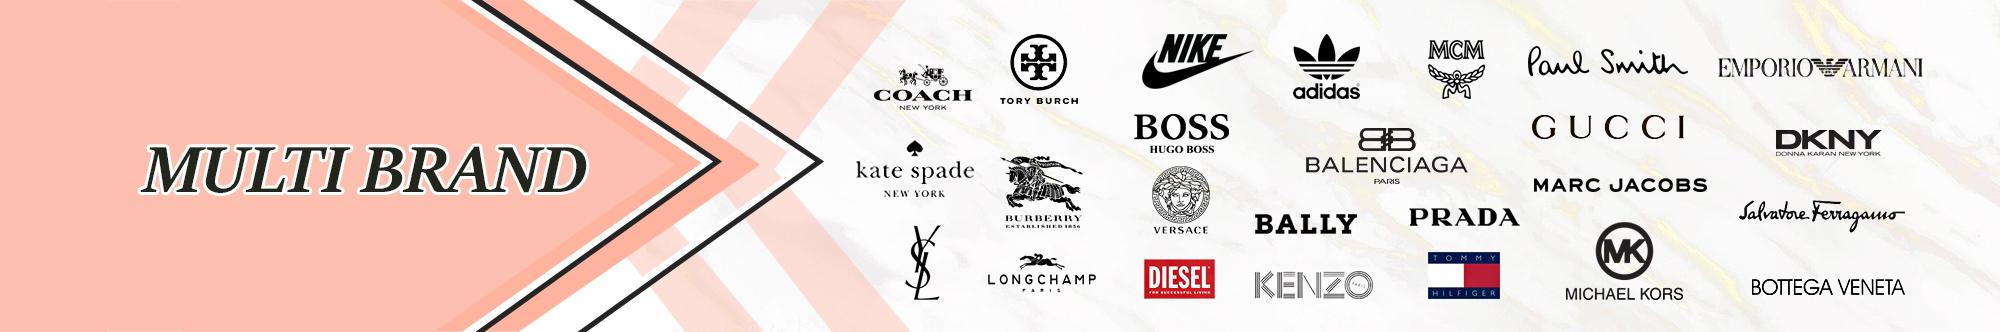 multi brand ขายแบรนด์เนม แบรนเนมใหม่ มือ1 ลด 50-80%